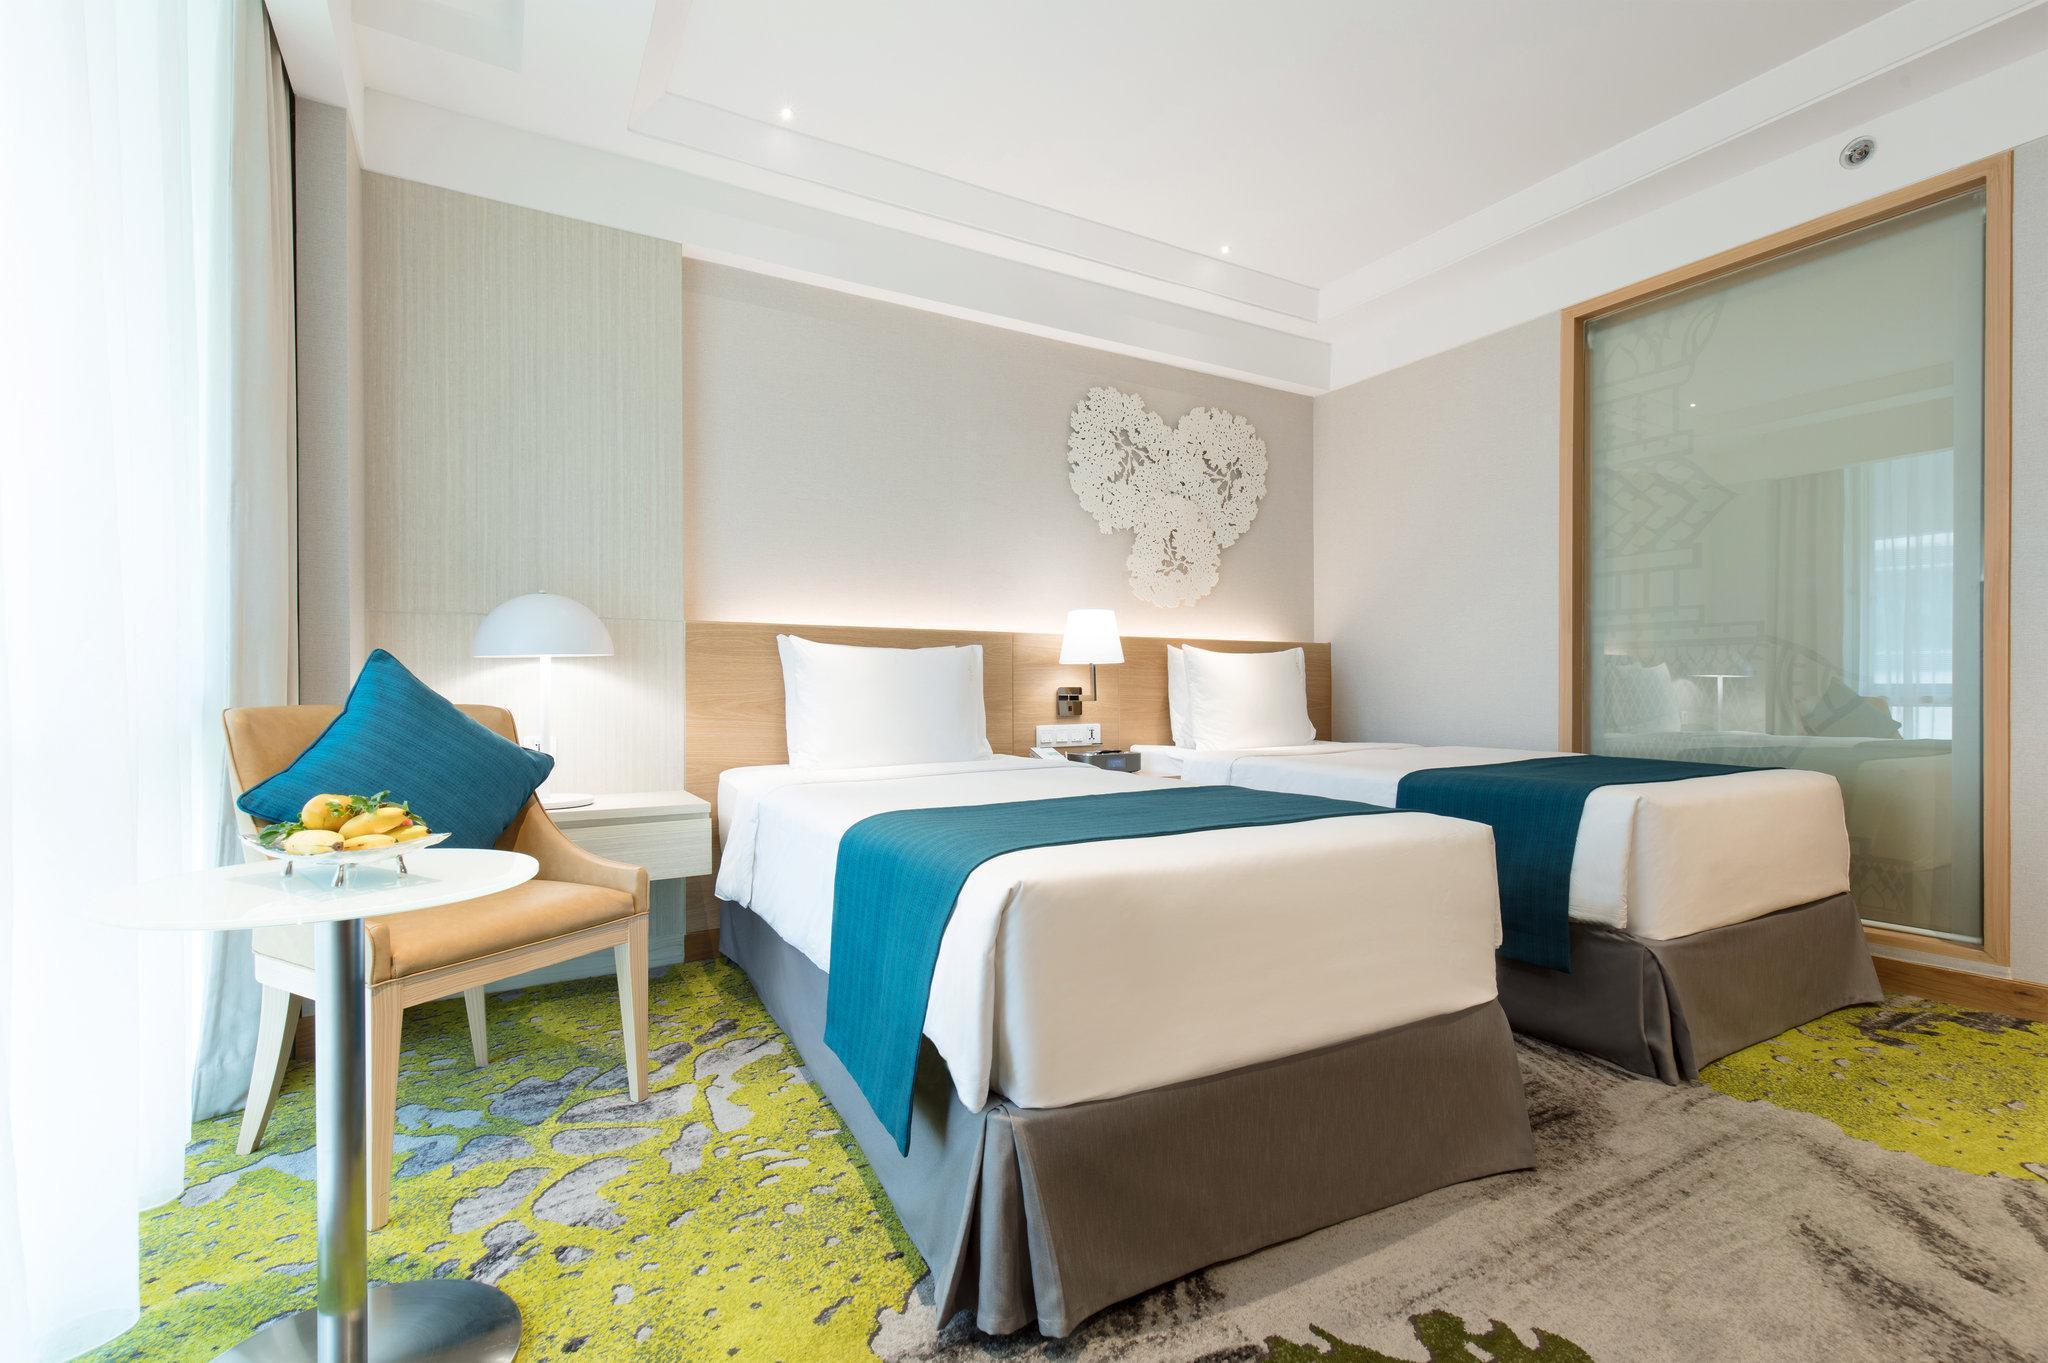 โรงแรมฮอลิเดย์อินน์ กรุงเทพ